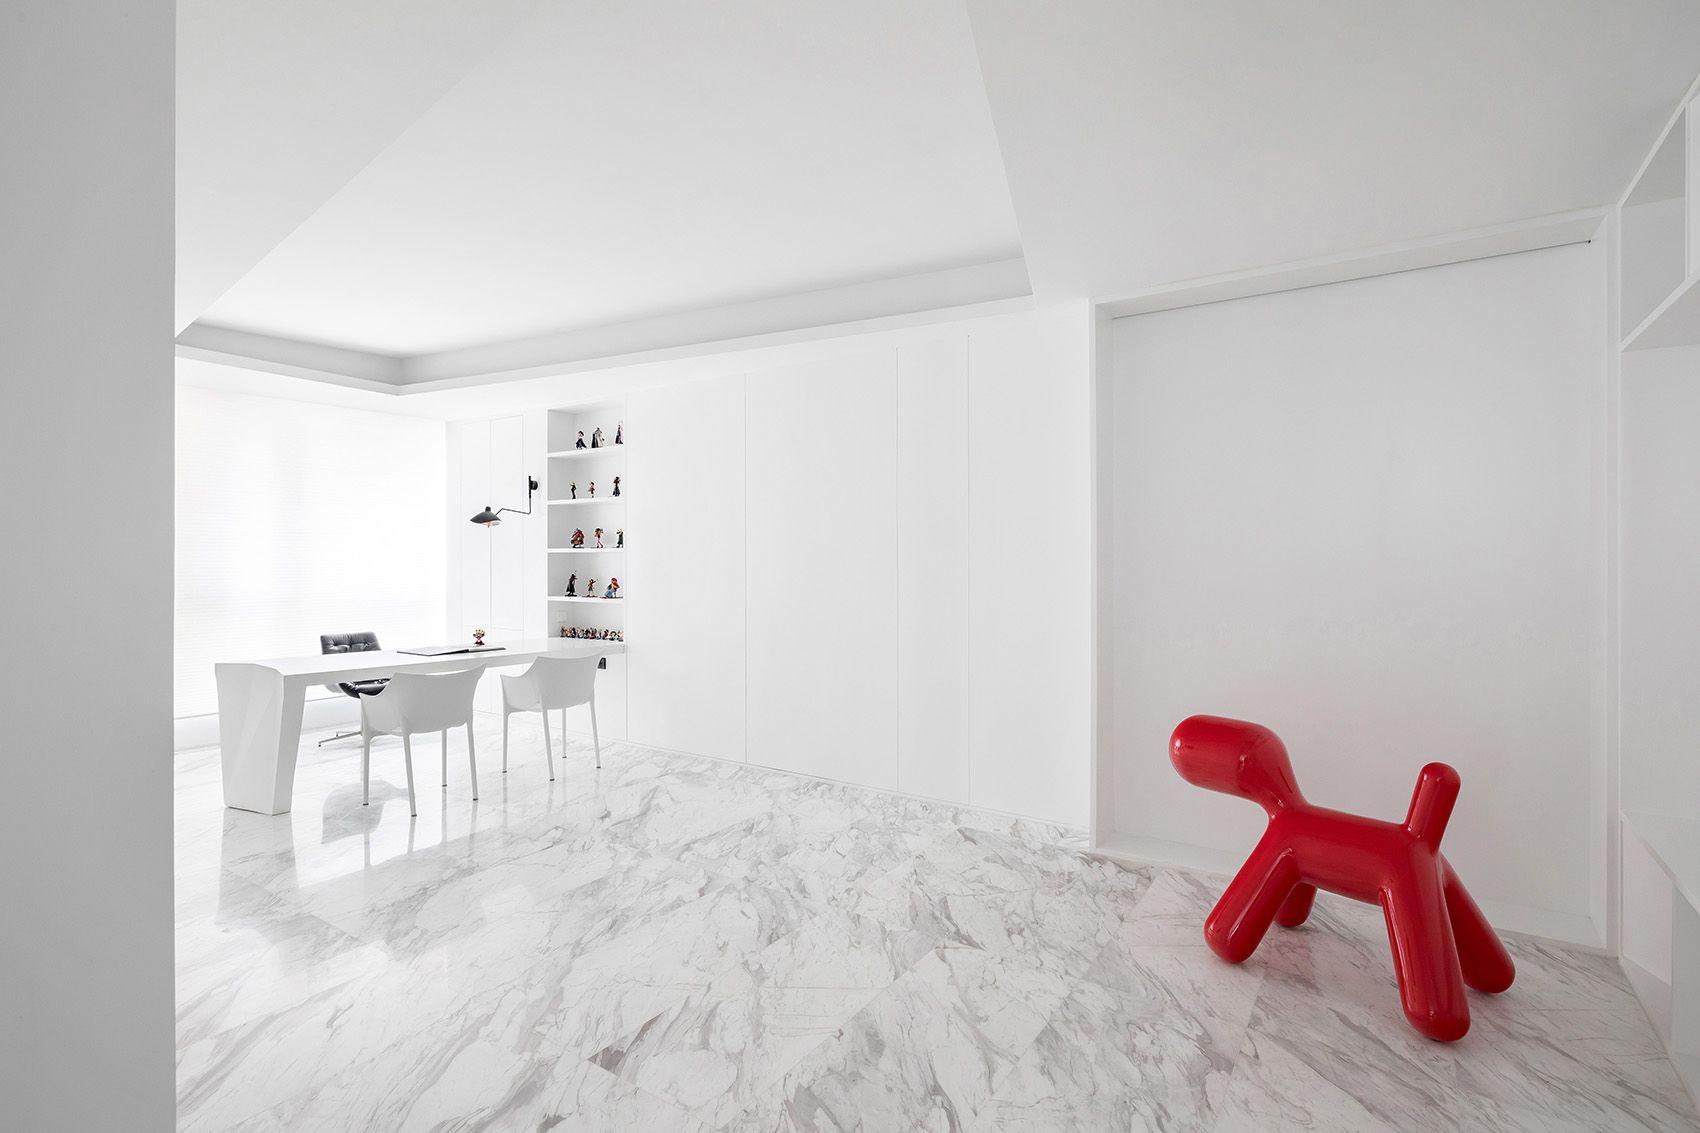 时上建筑设计   一条白裙延伸的办公空间 ! 沈墨 - 11